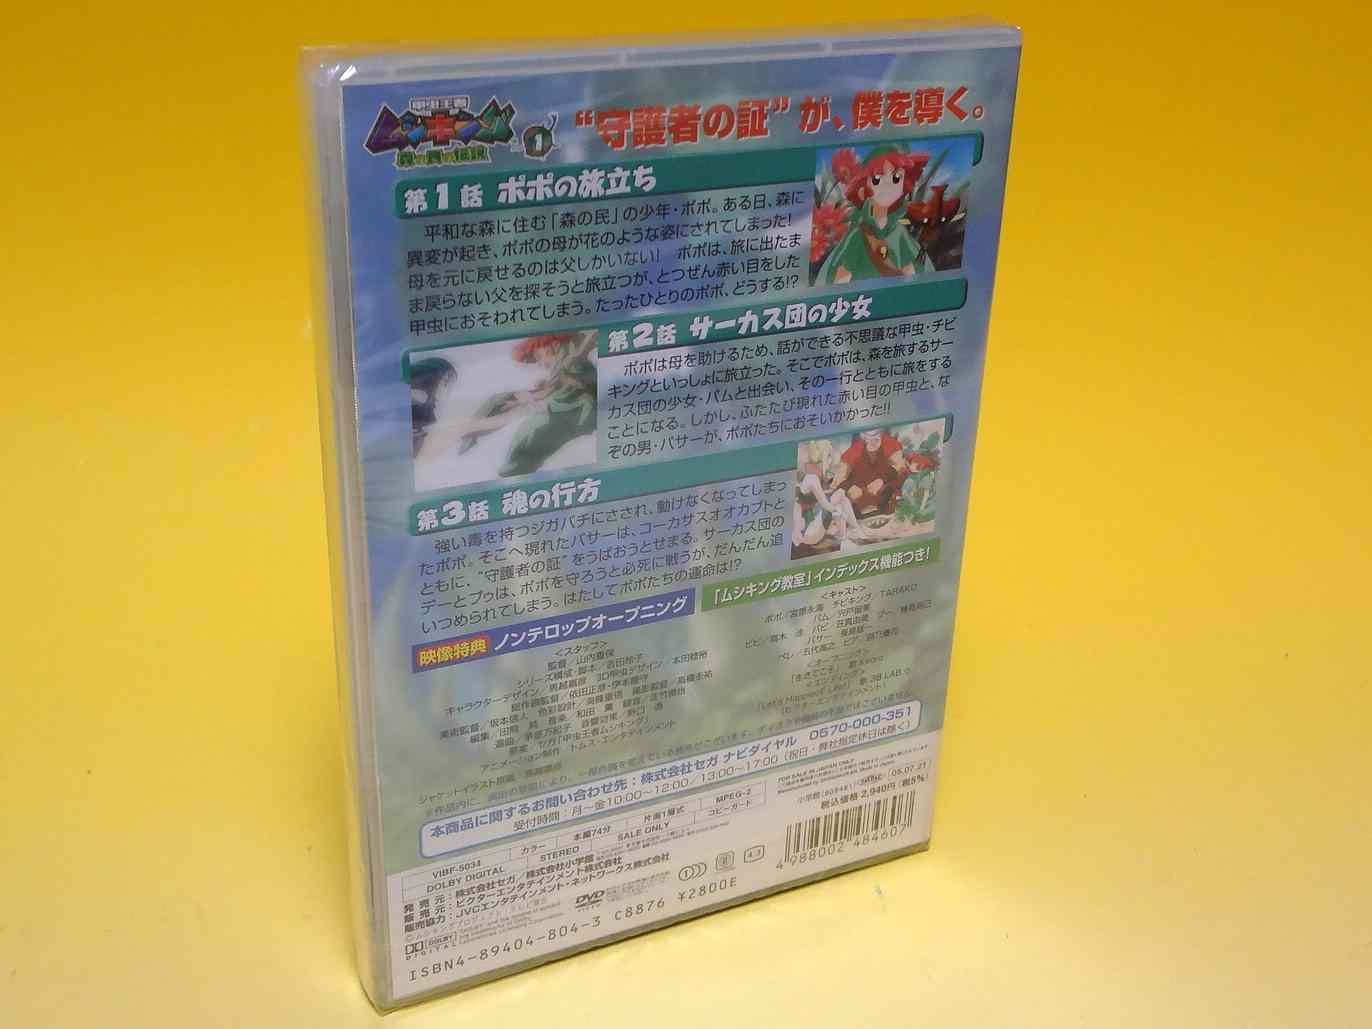 Kouchuu DVD-传奇的森林人-1 fs2gm